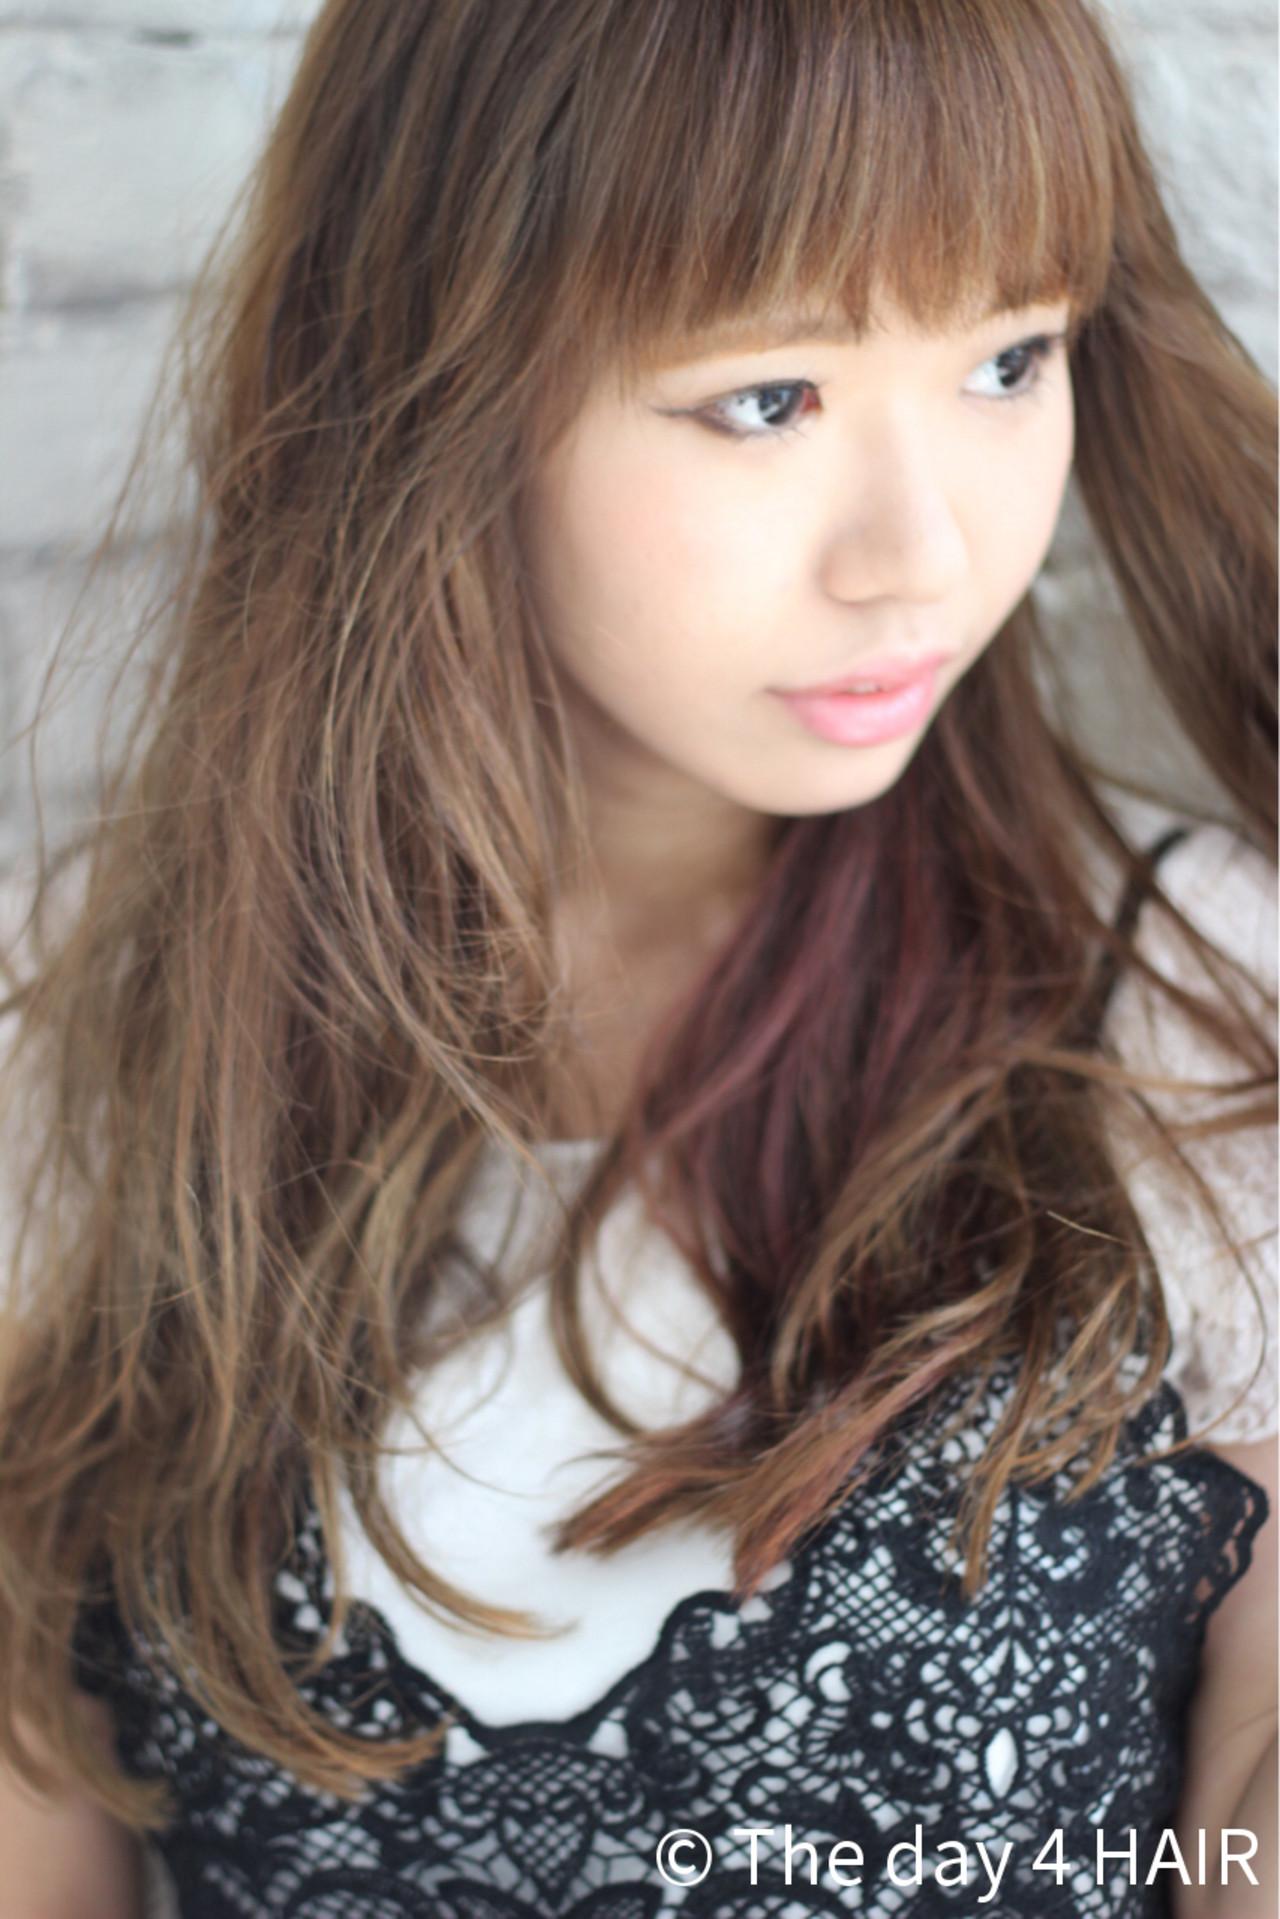 くせ毛風 インナーカラー ロング ブラウン ヘアスタイルや髪型の写真・画像